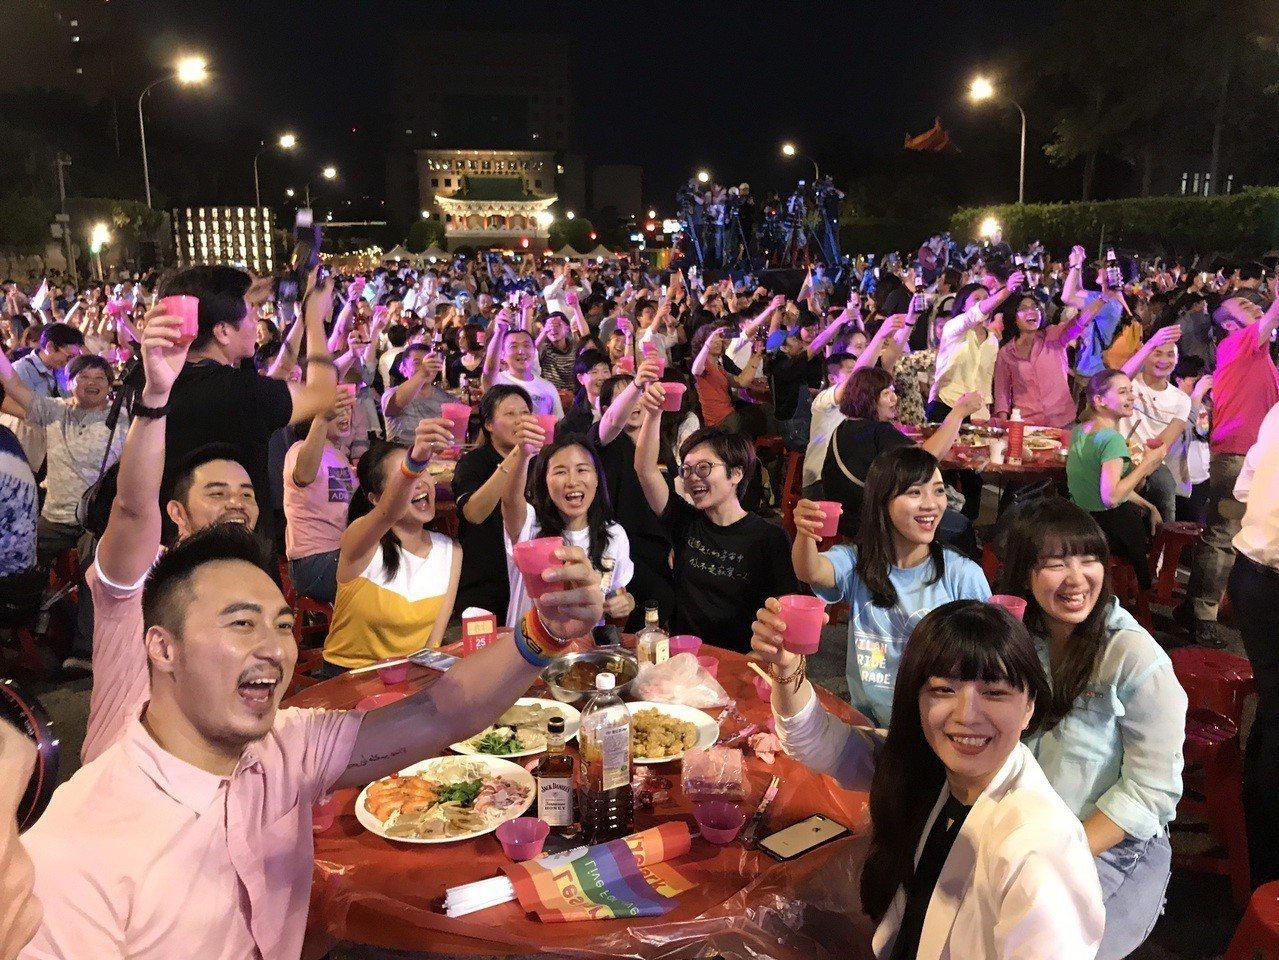 同婚宴今晚在凱道席開160桌,逾千人一起舉杯歡慶同婚合法化。記者葉冠妤/攝影